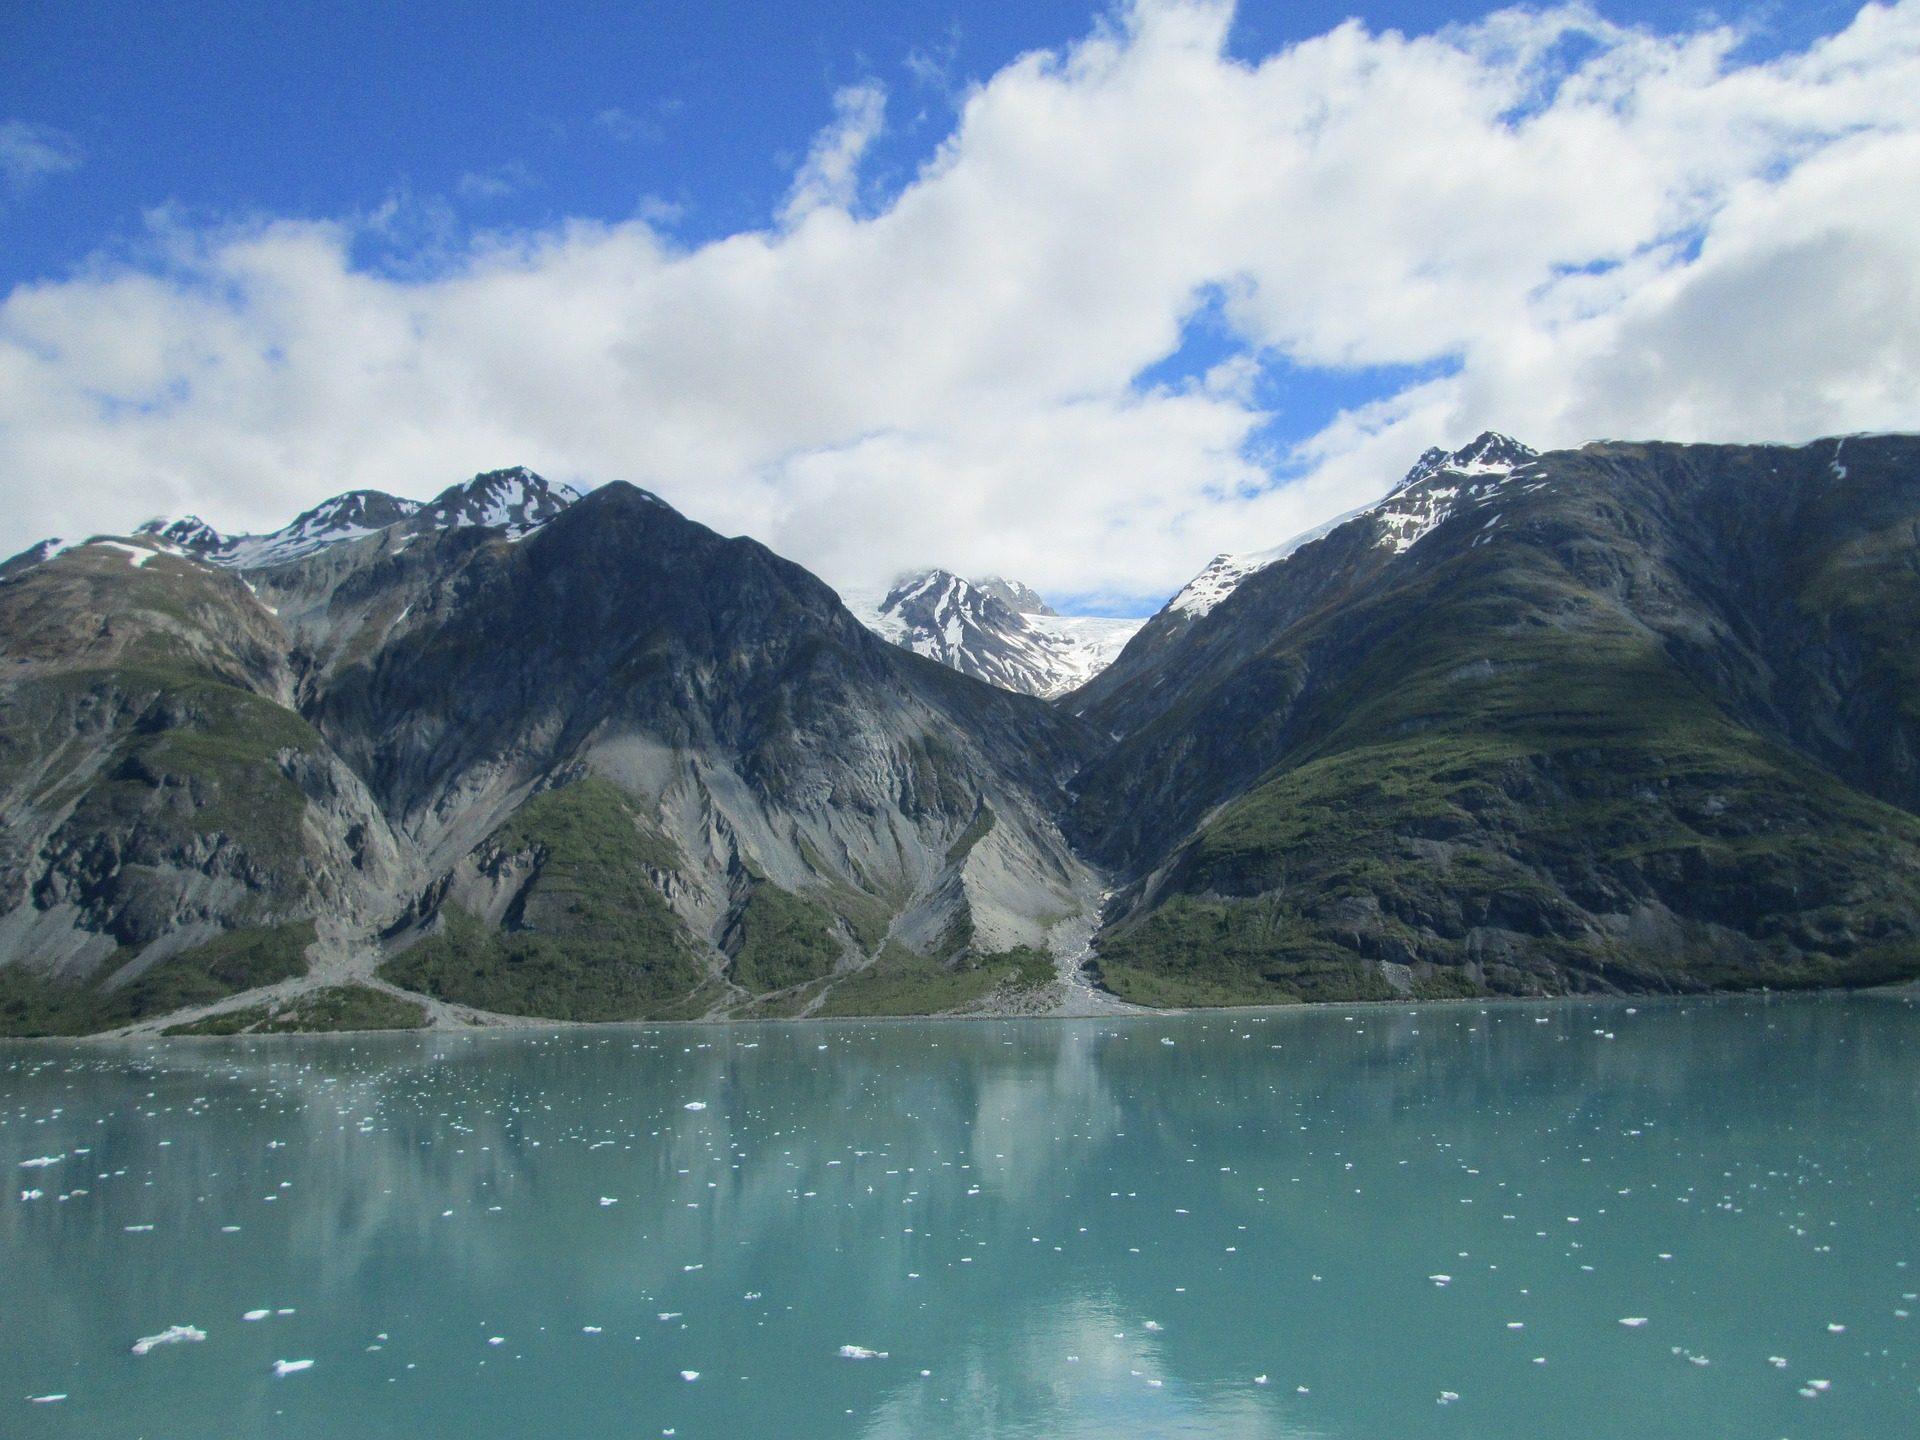 Монтаньяс, снег, Море, Океан, Пицца, Аляска - Обои HD - Профессор falken.com